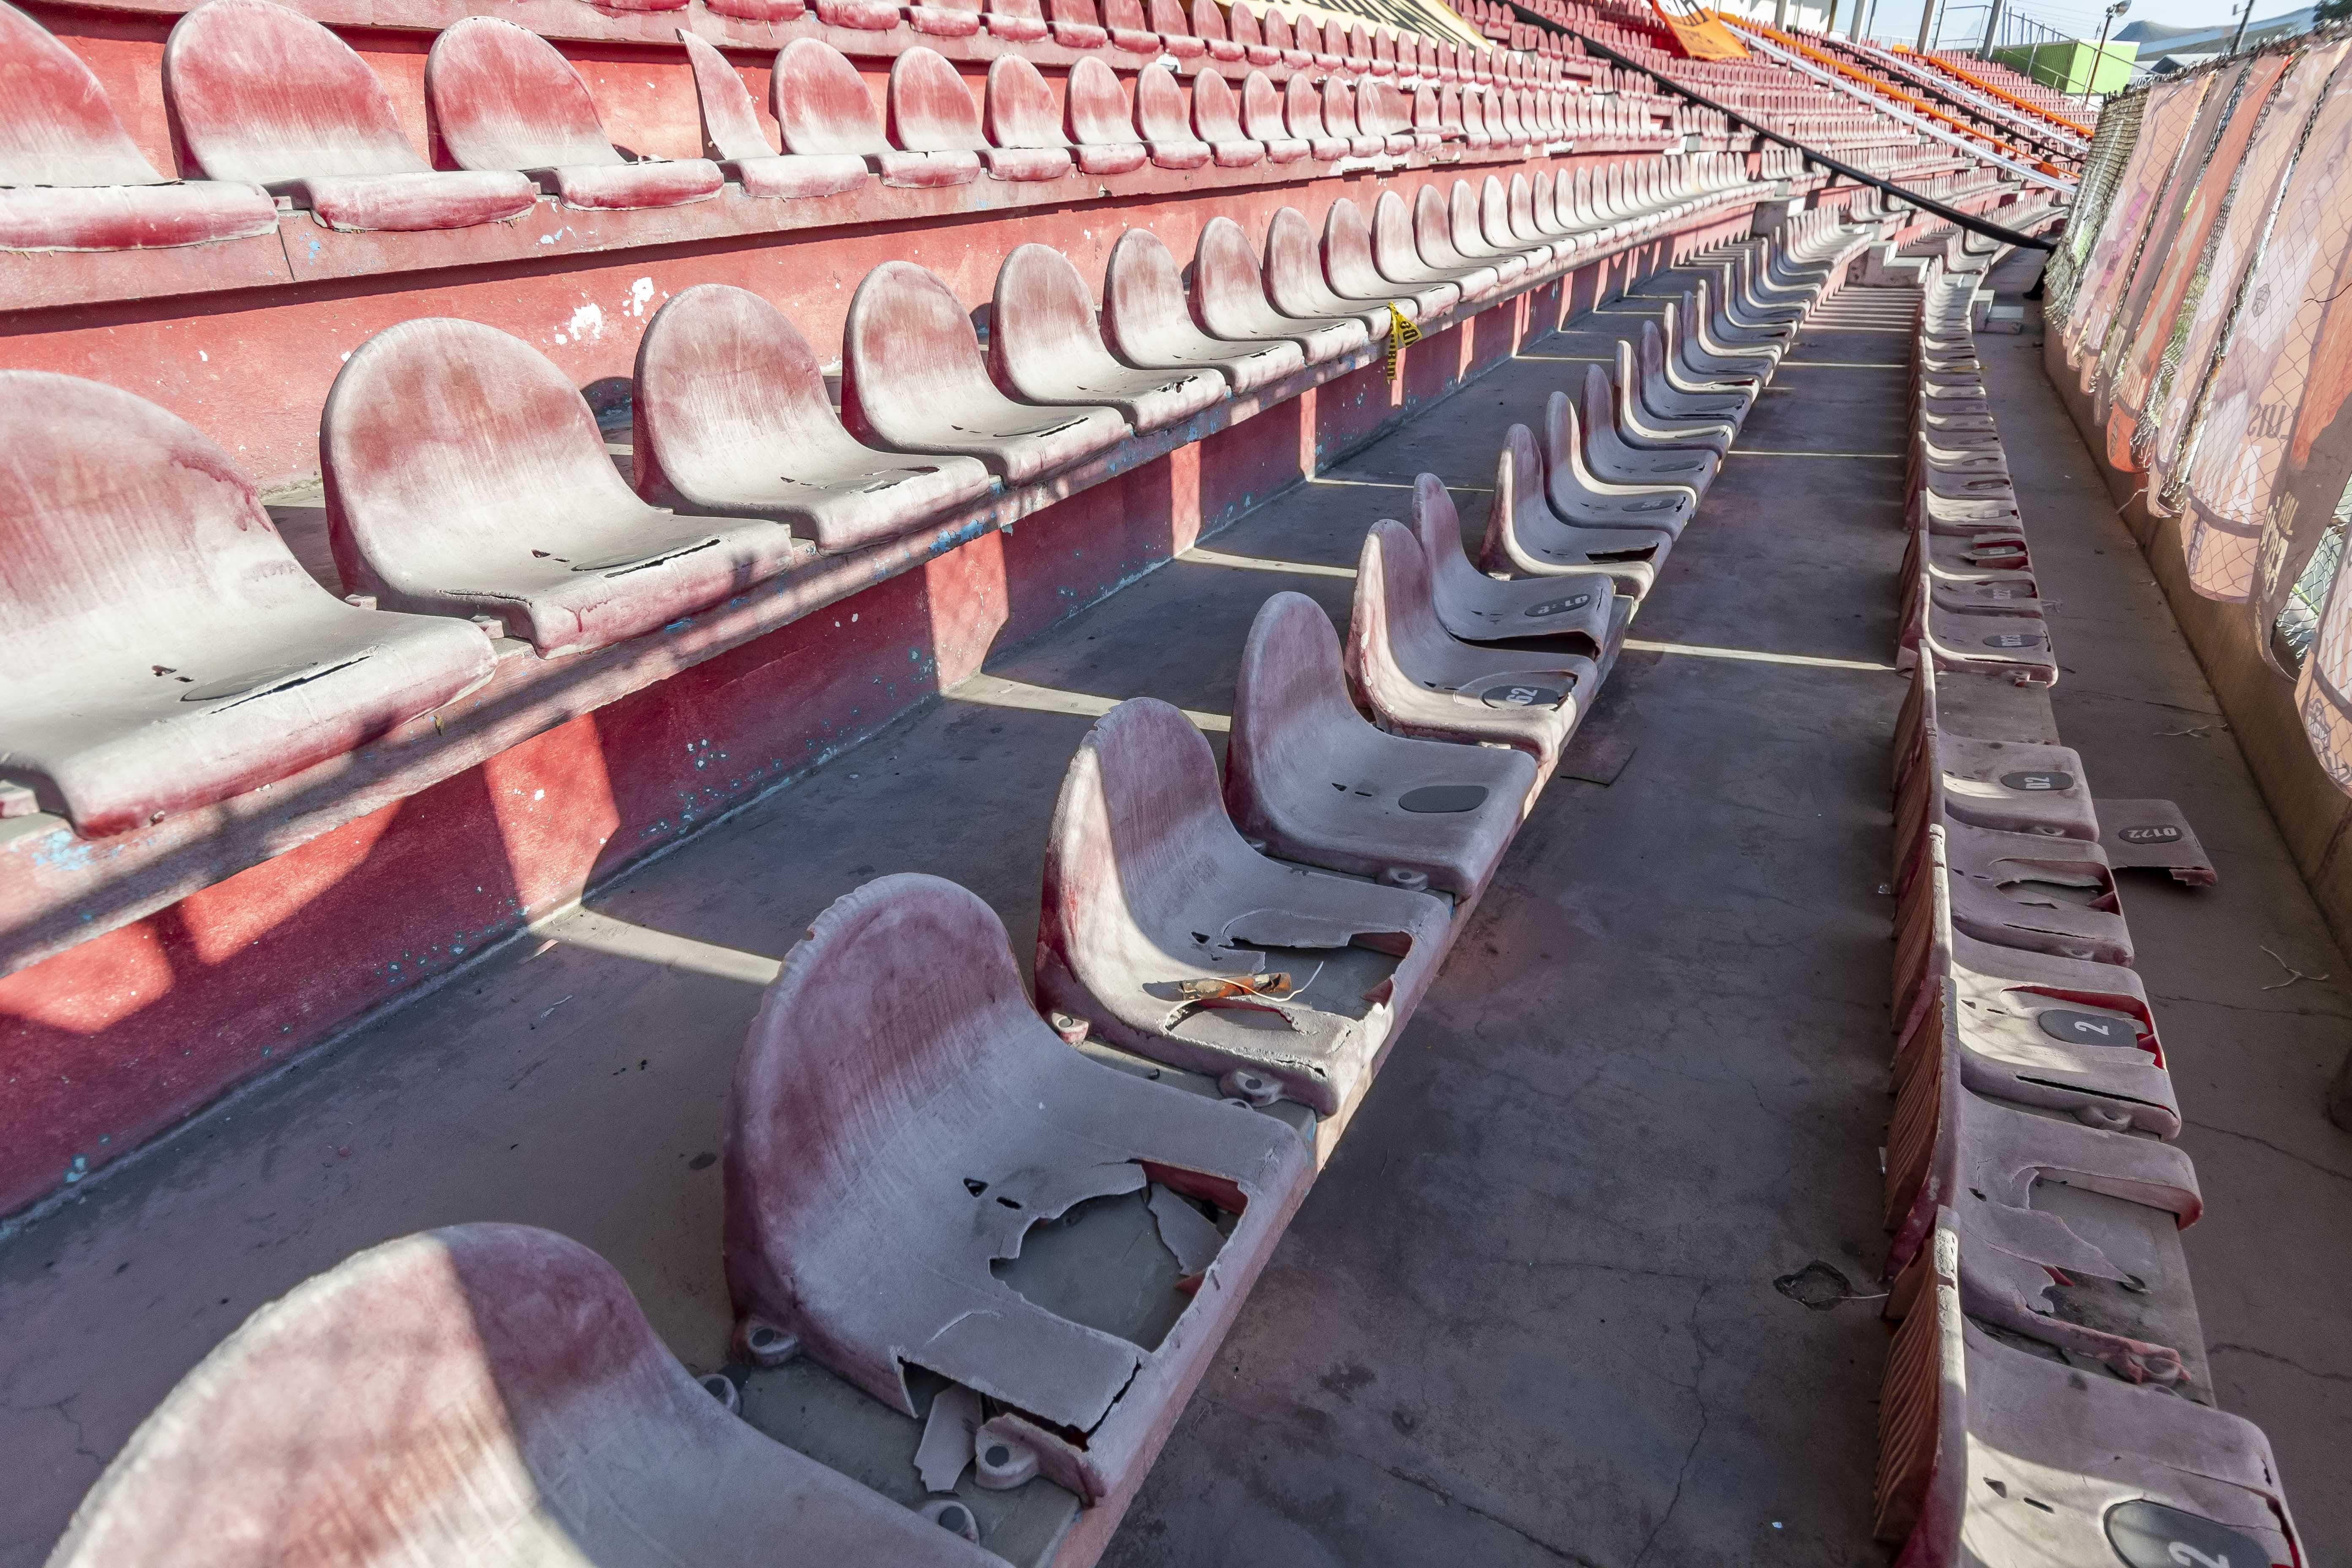 Butacas en mal estado de estadio en Coahuila.